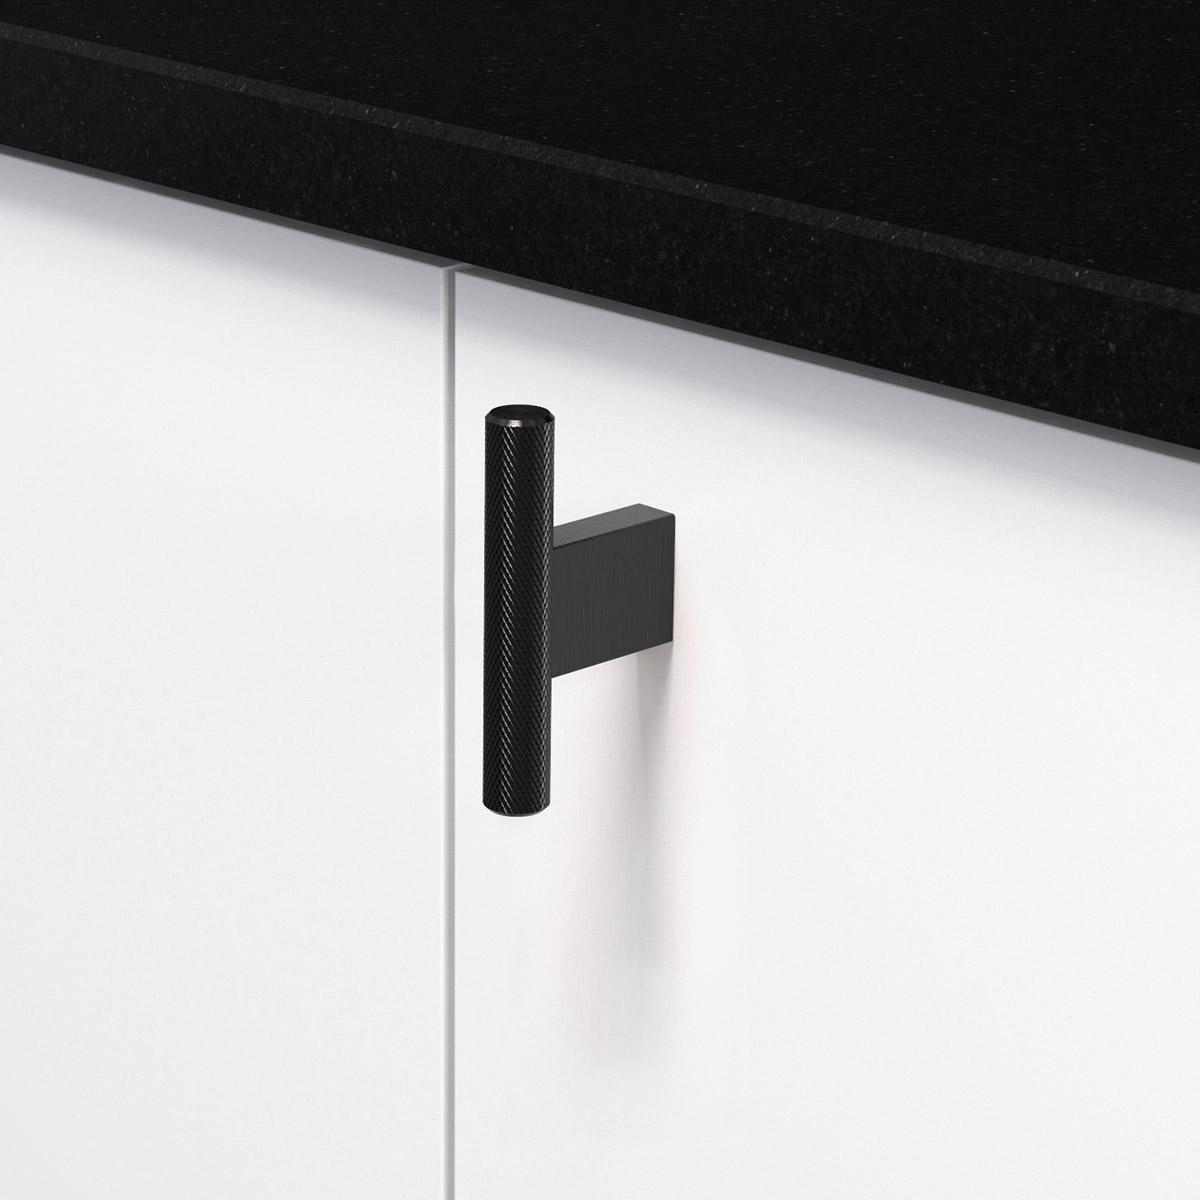 Knopp t graf mini matt svart 370251 11 10 mm ncs s 0300 n granit svart